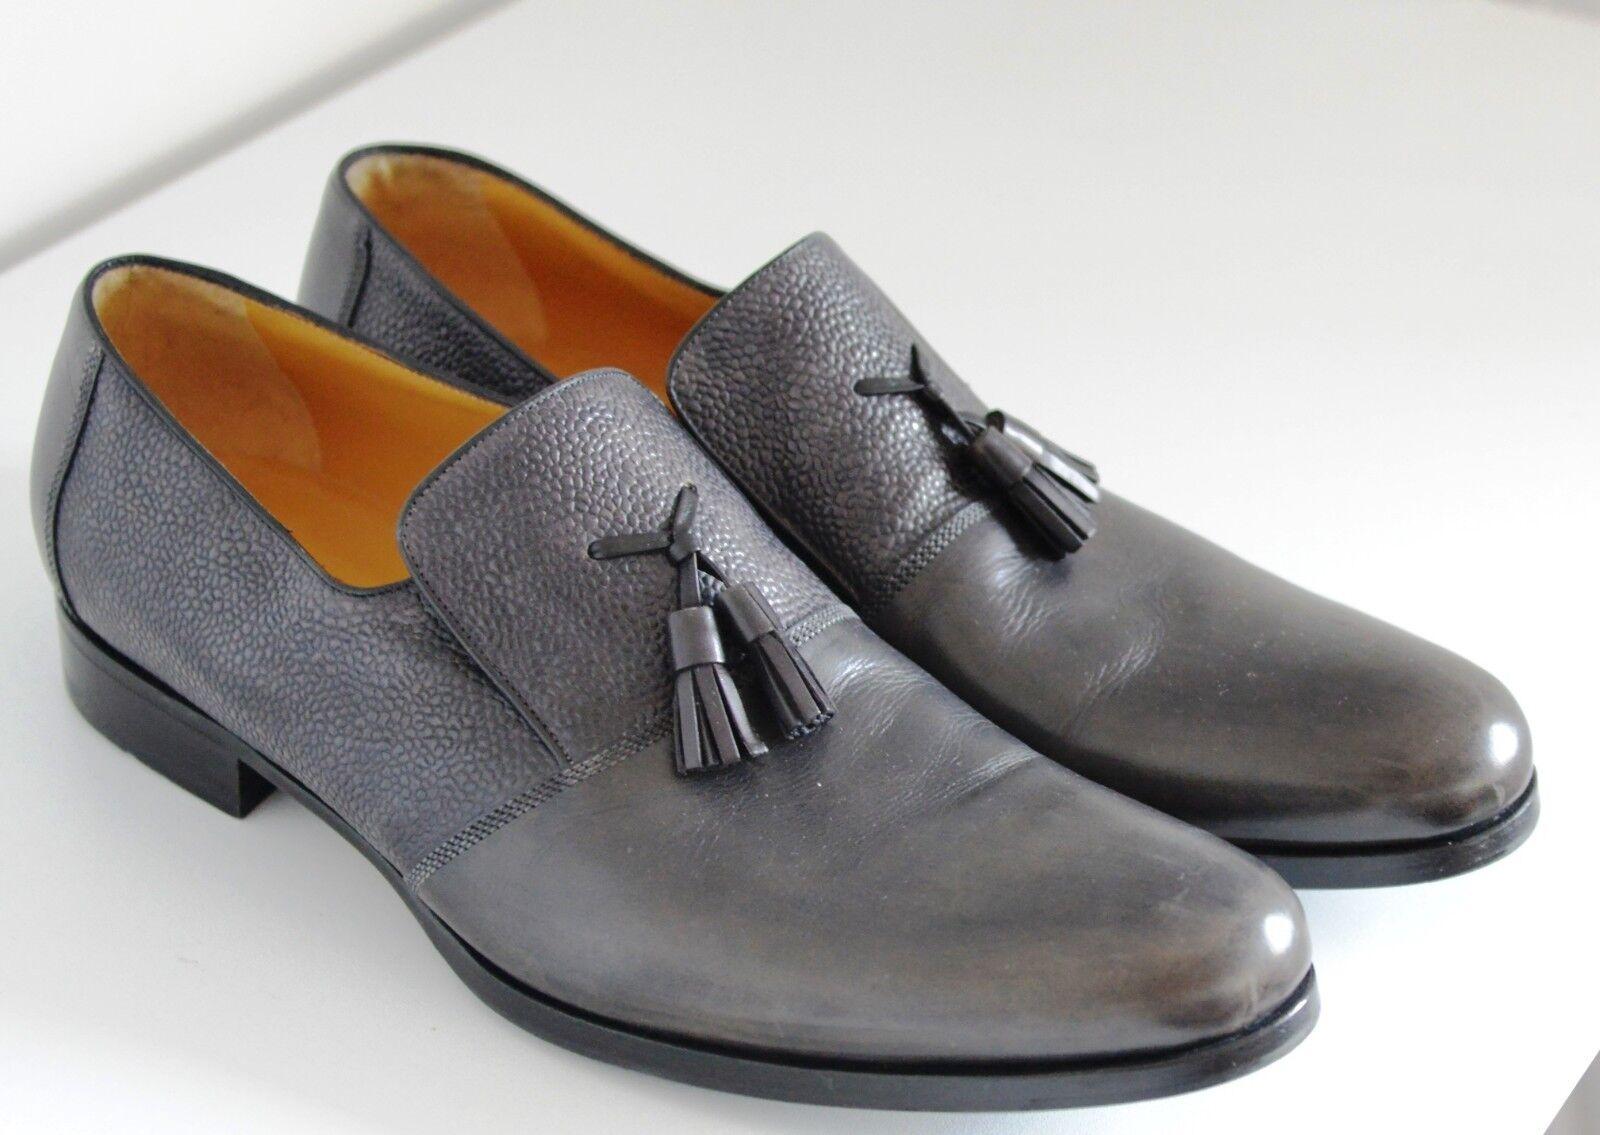 Zapatos de mujer baratos zapatos de mujer Nuevo A. Testoni Diseñador Borla italiano Mocasín Cuero Zapatos Slip On Smart Reino Unido 10